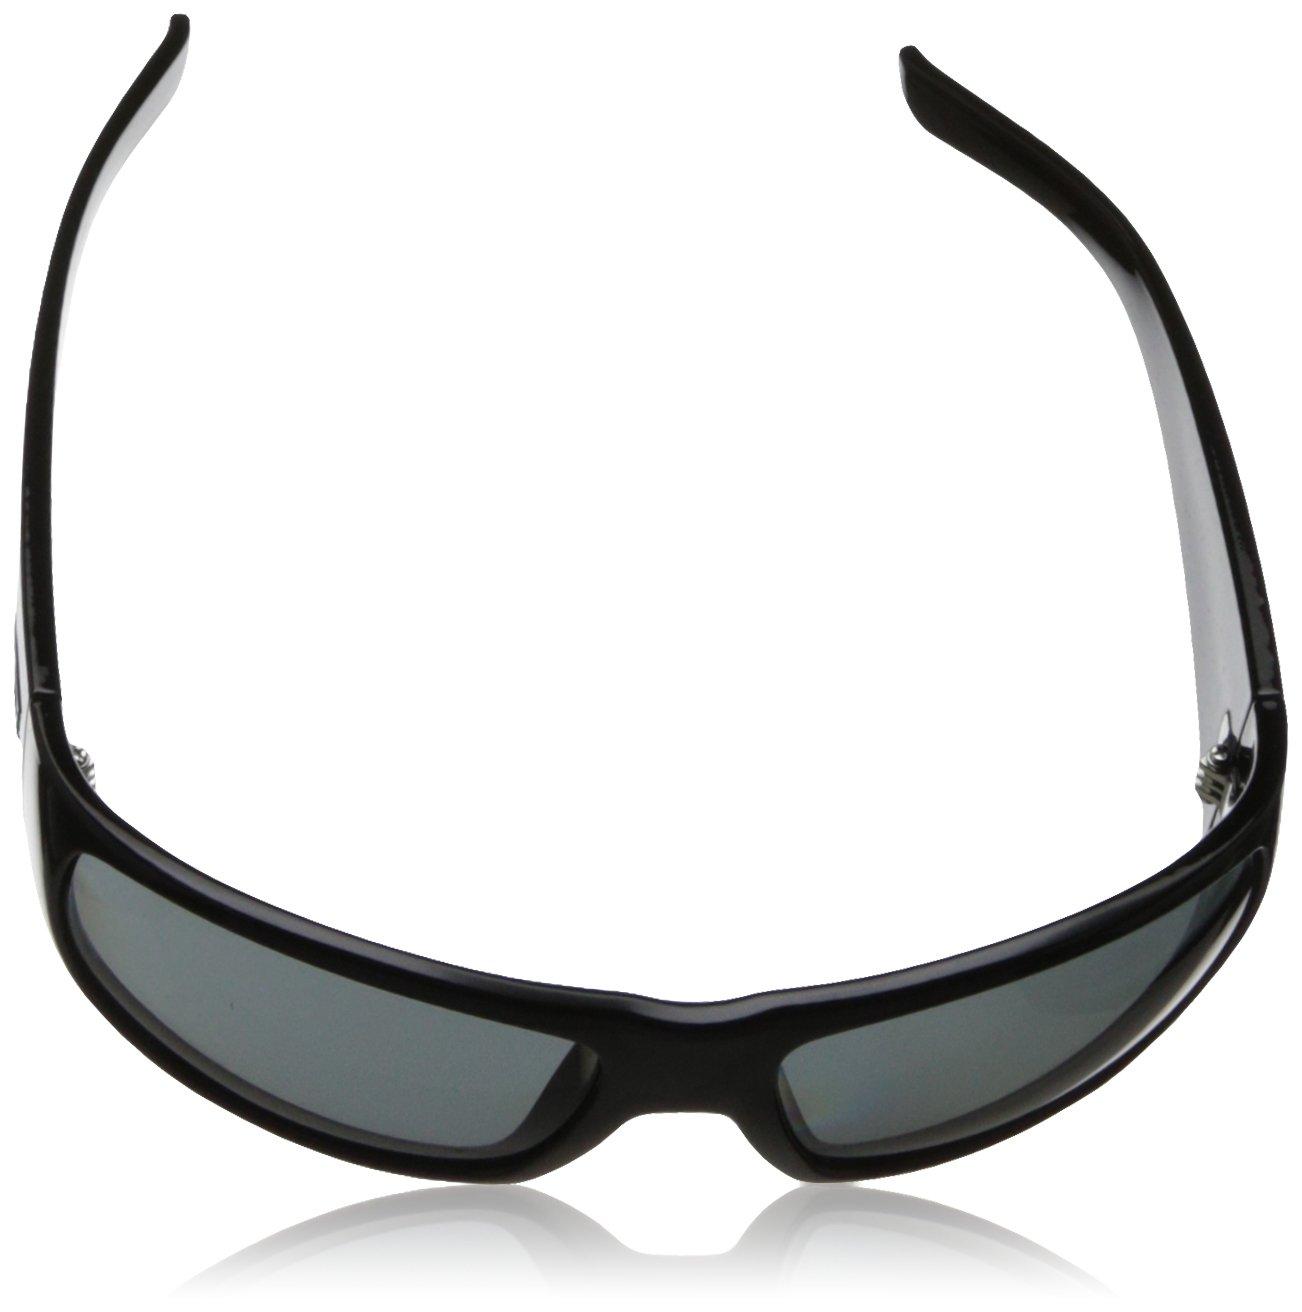 637bf1b2e92 Amazon.com  Hoven Ritz 16-0102 Polarized Wrap Sunglasses